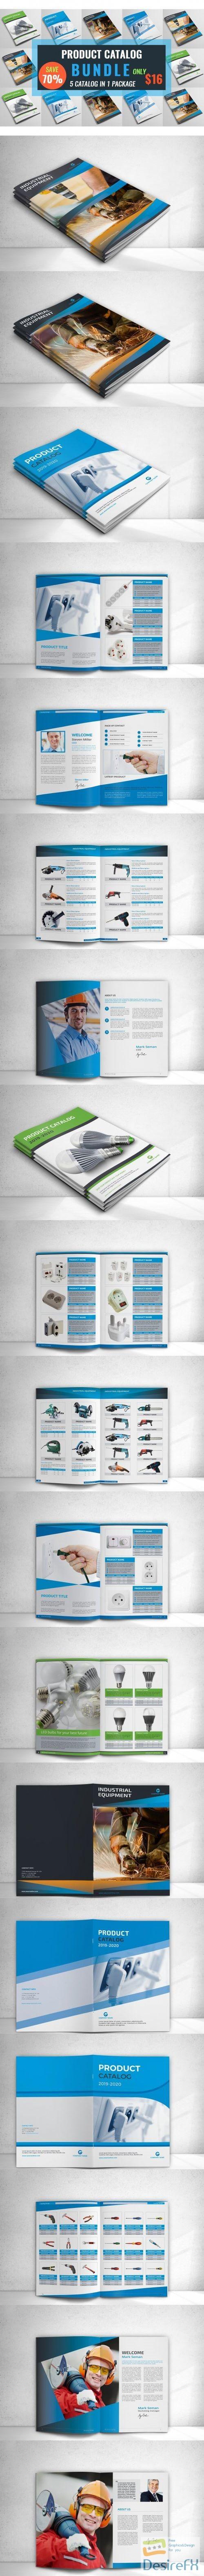 Product Catalog Bundle 3993208